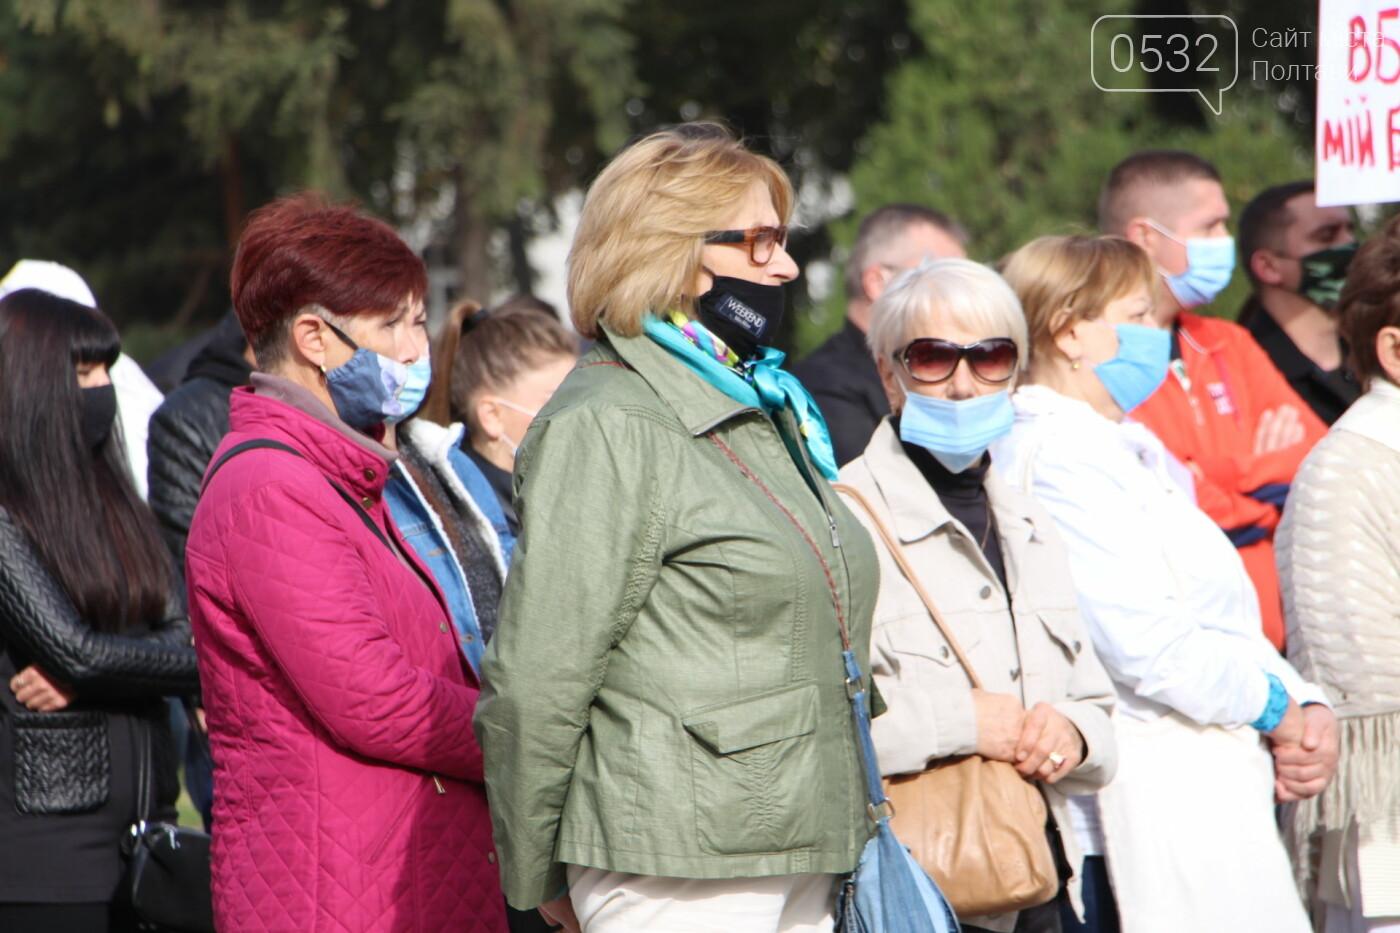 """Полтава вийшла проти """"червоної"""" зони: скільки людей і чого вимагають (ФОТОРЕПОРТАЖ), фото-5"""